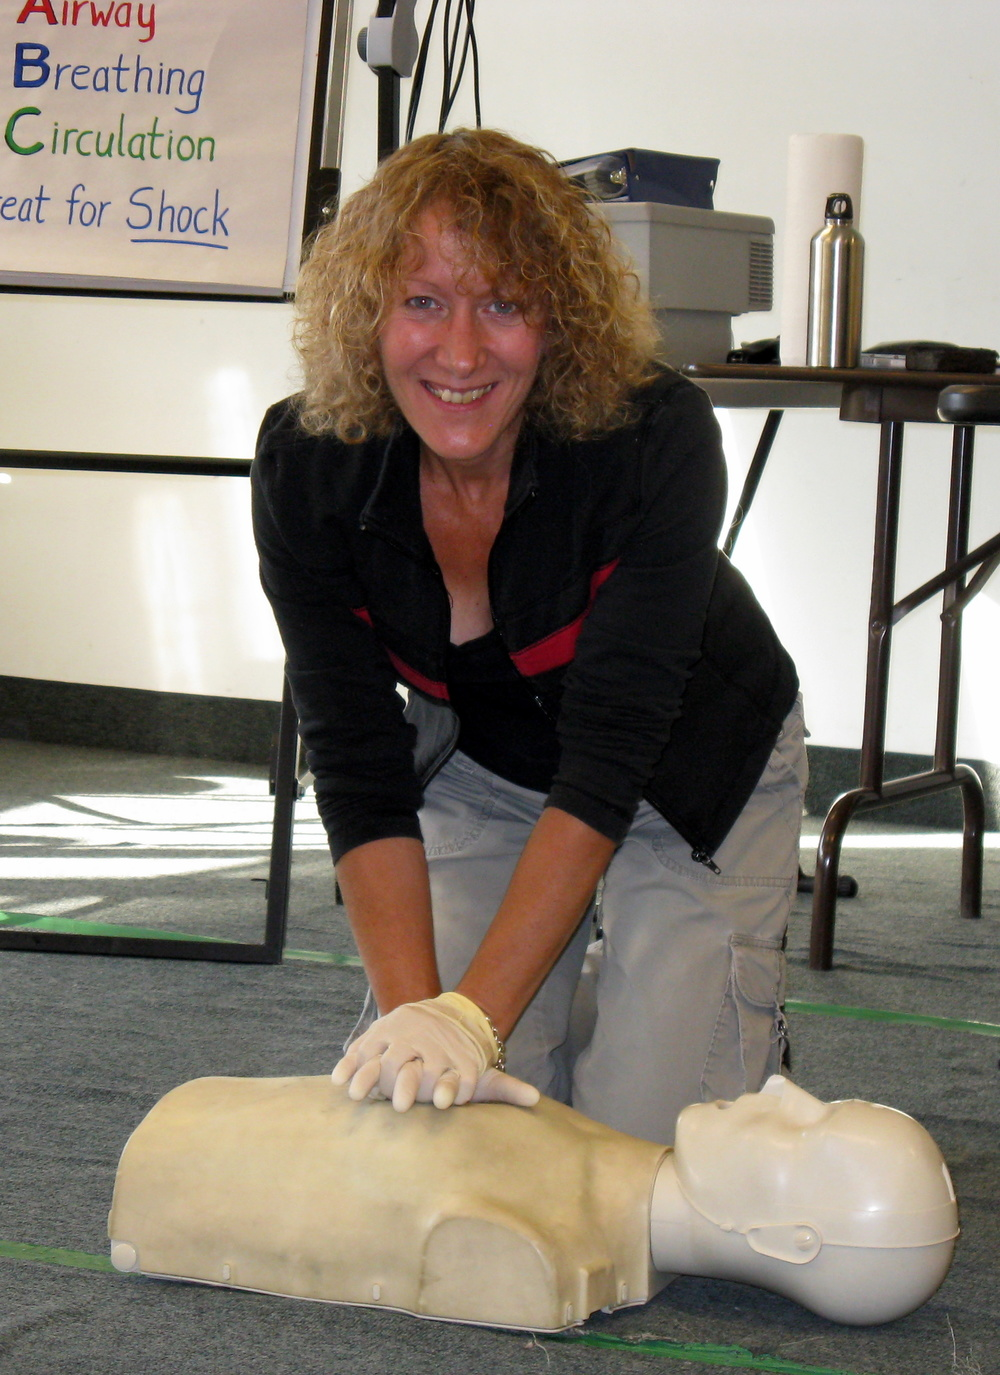 Tara CPR training.jpg